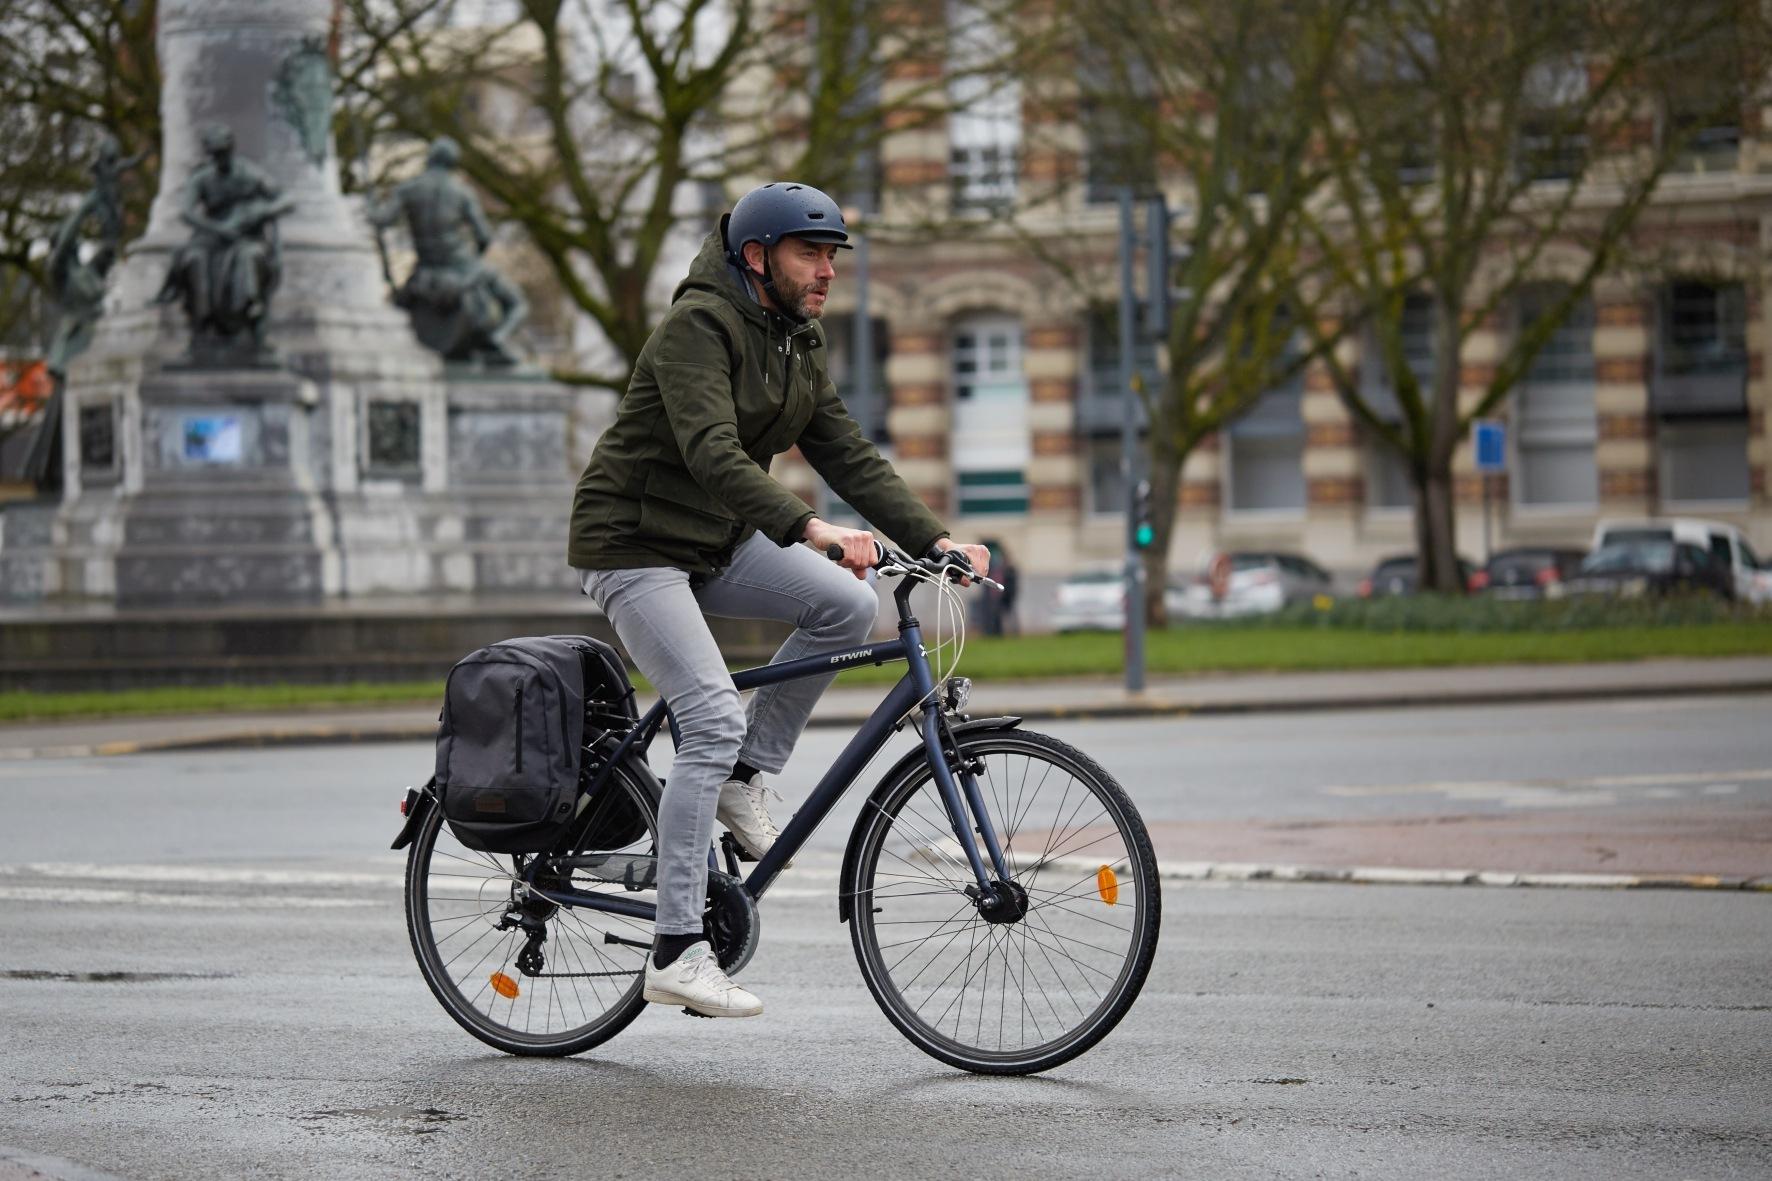 Radfahr-Umfrage: Mehr als die Hälfte aller Radfahrer fühlt sich im Stadtverkehr unsicher